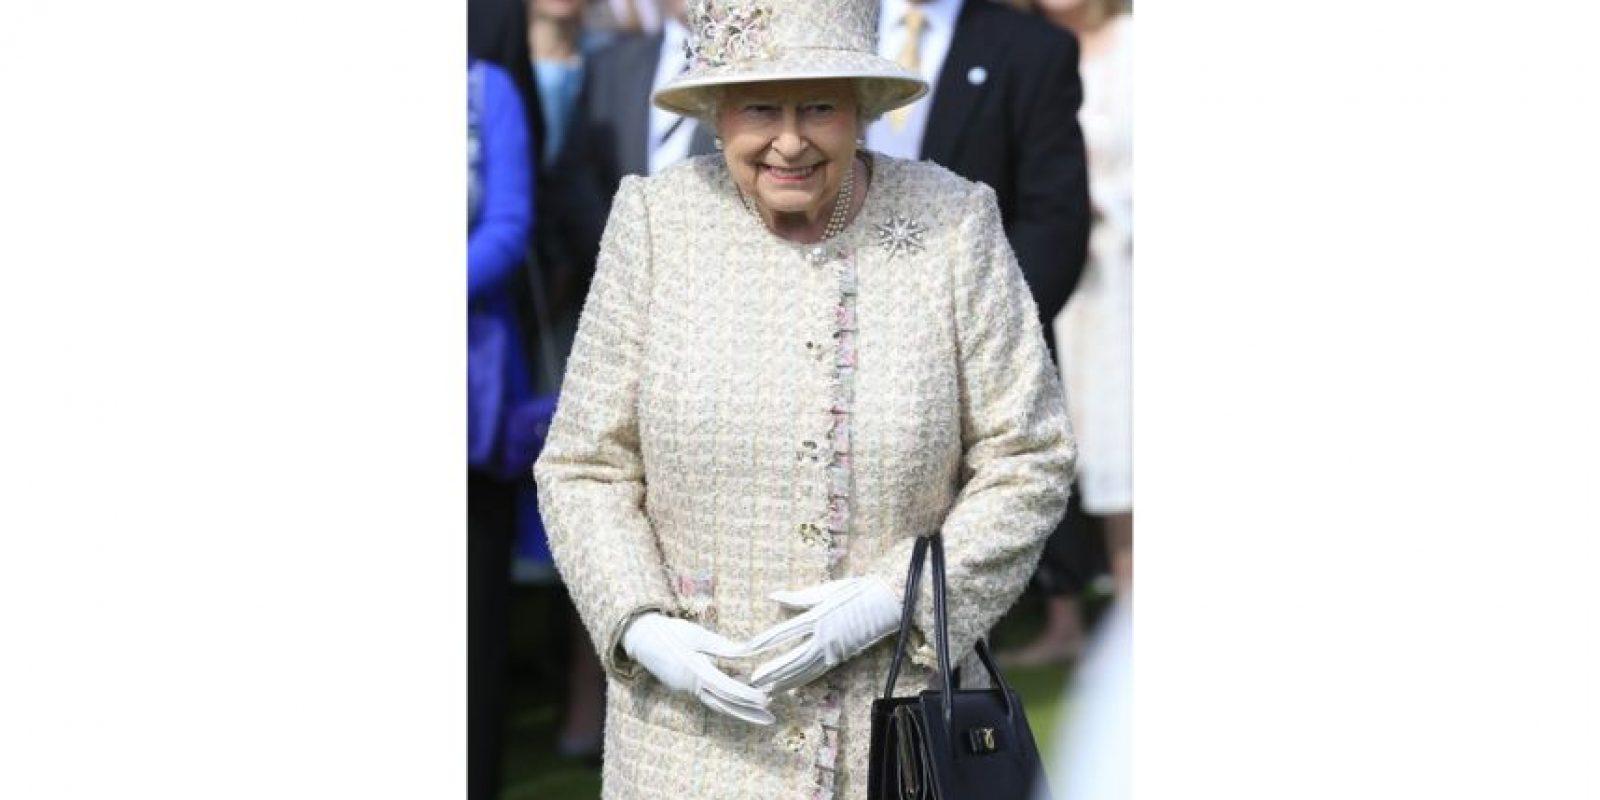 Elizabeth II: La reina del Reino Unido y la Commonwealth cumplirá 90 años el 21 de abril de 2016. Ya se ha convertido en la monarca reinante más antigua del mundo y la que más tiempo ha reinado a la cabeza del Estado británico, superando a la reina Victoria en 2015 con 63 años y 217 días de gobierno.